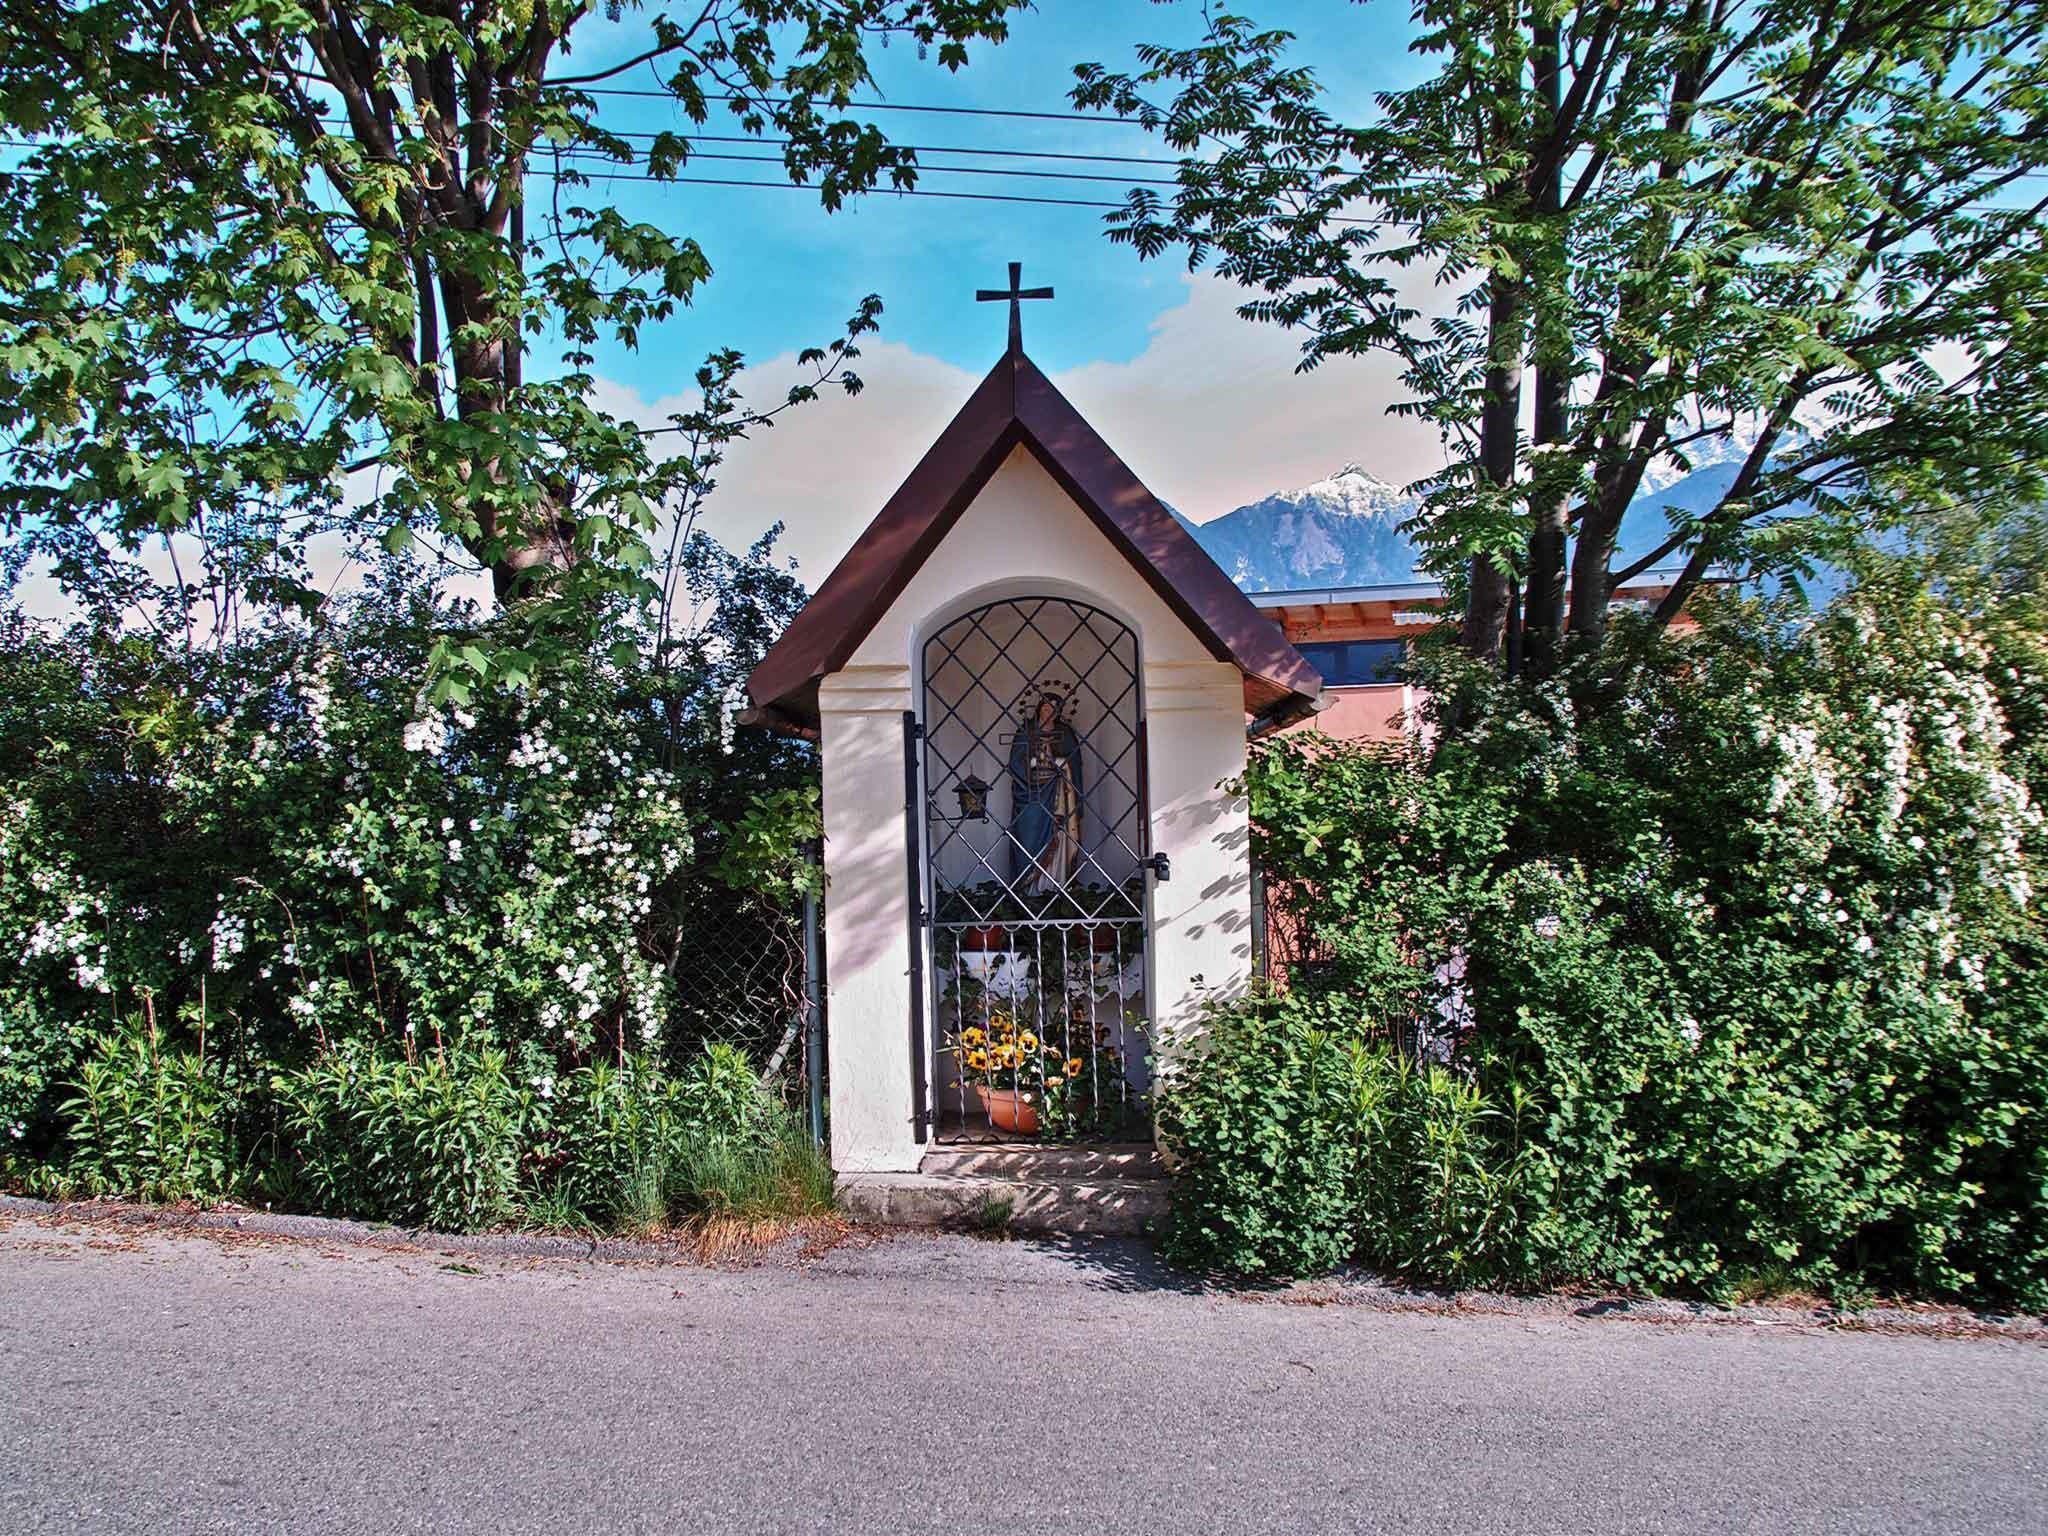 Ruepenkapelle